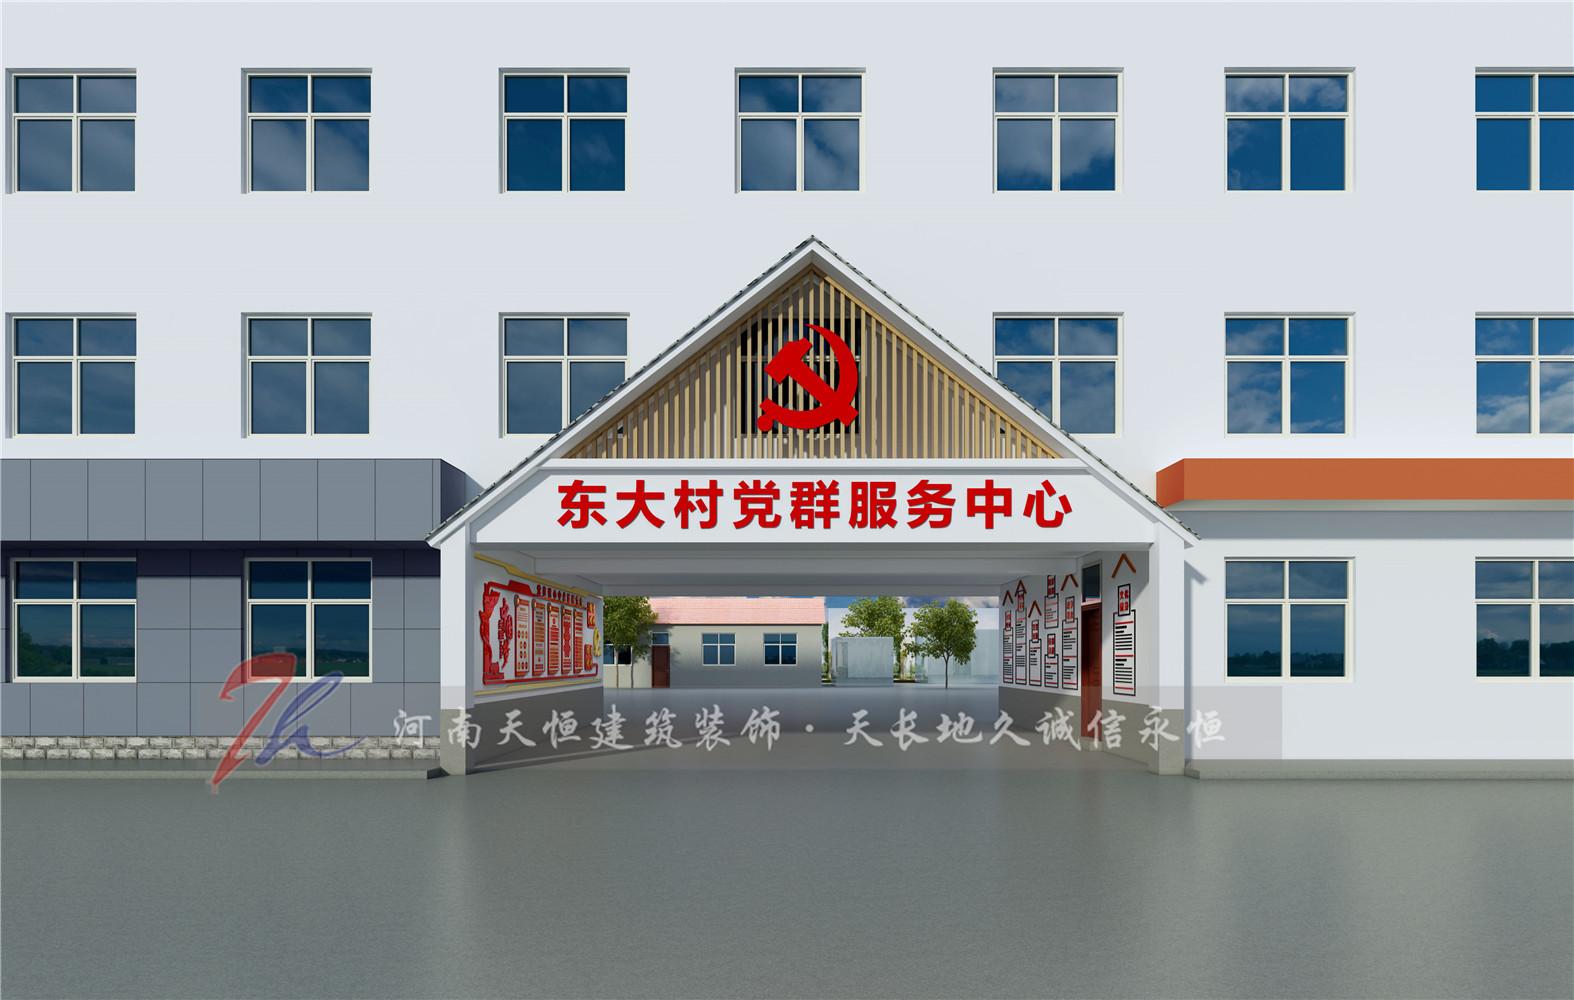 晋城沁水县党群服务中心